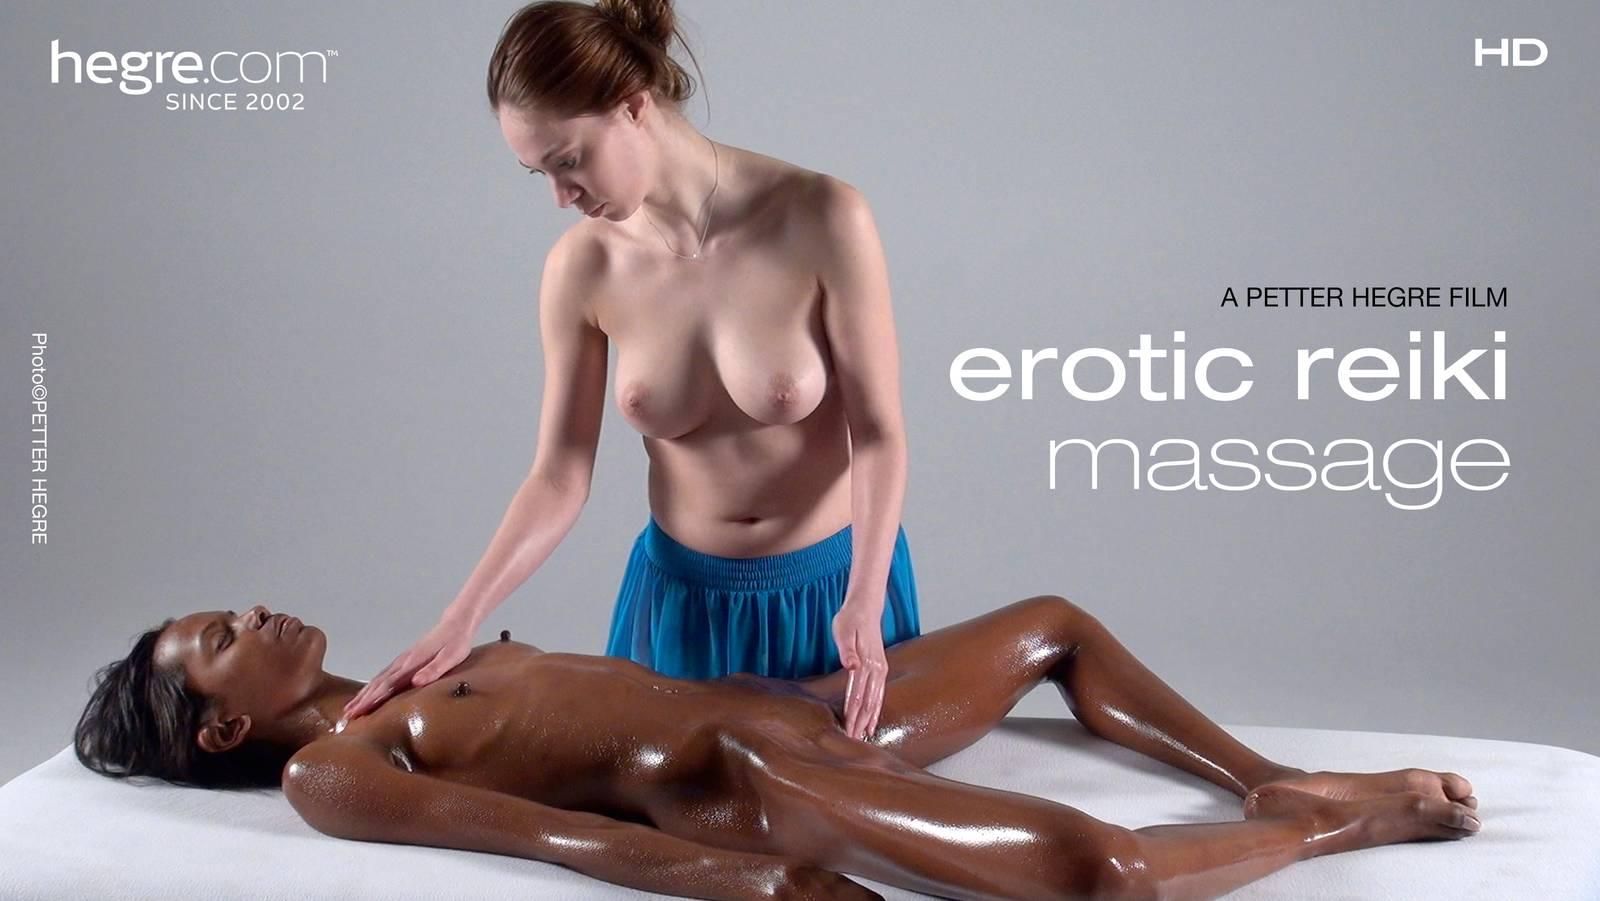 Erotische Massage Wird Zu Anderen Sachen